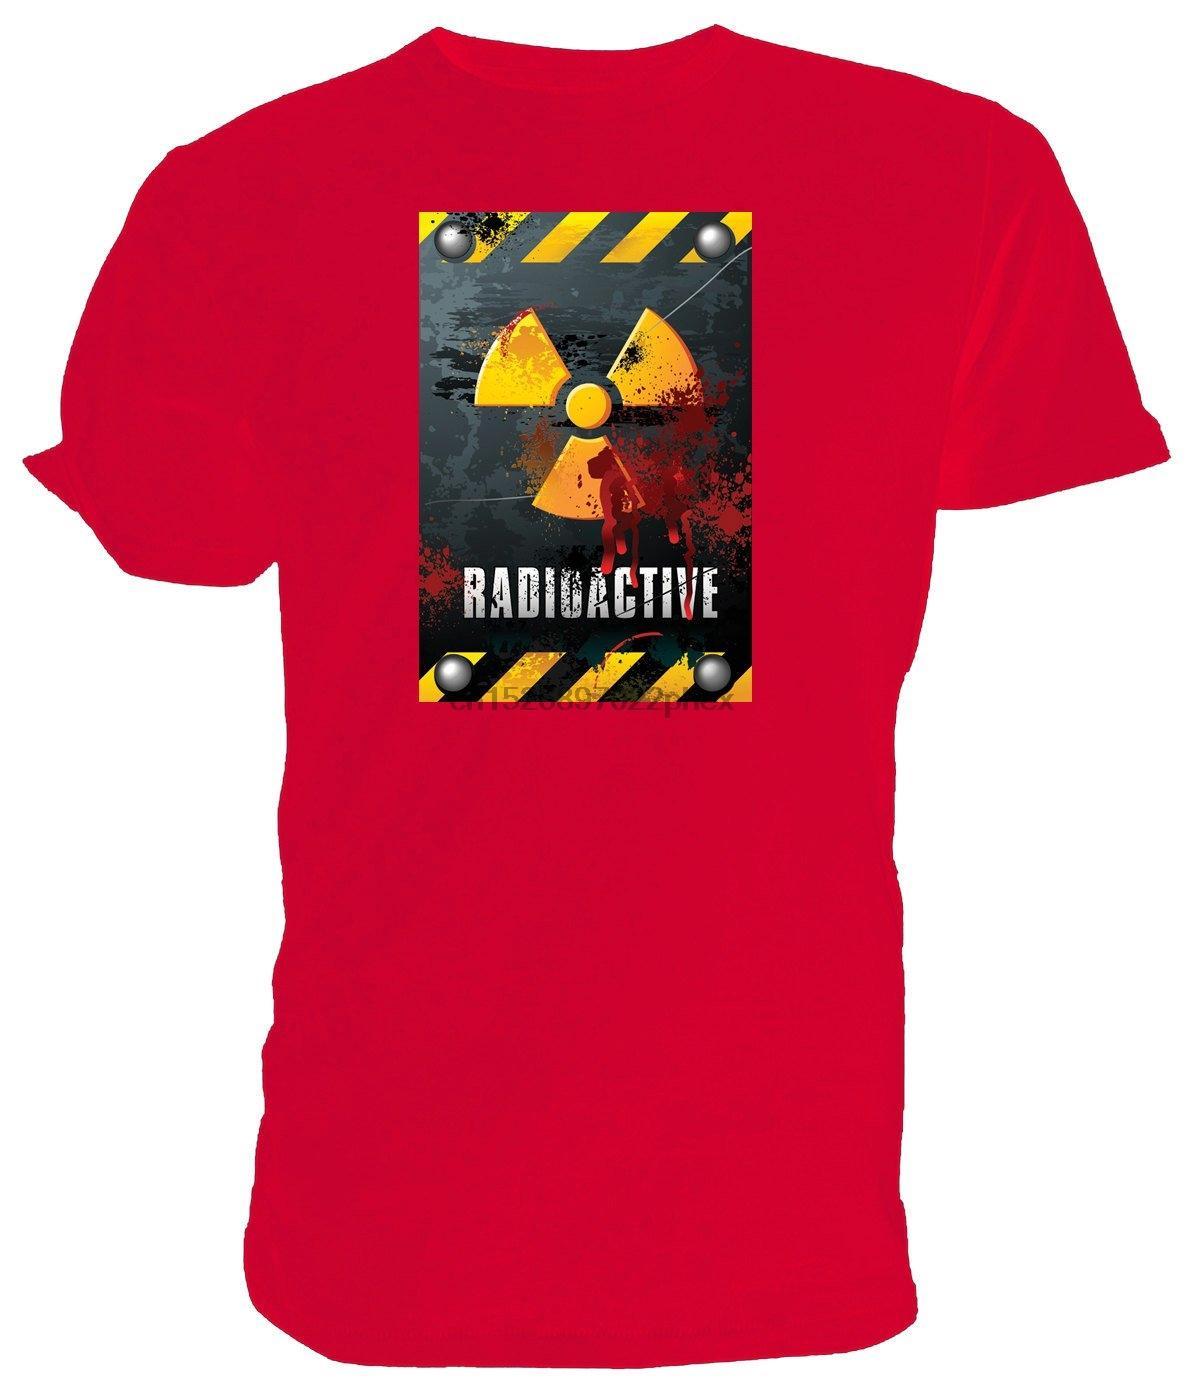 shirt do perigo radioativo T clássico em torno do pescoço curto escolha mangas da camisa tamanhos e homens cores t